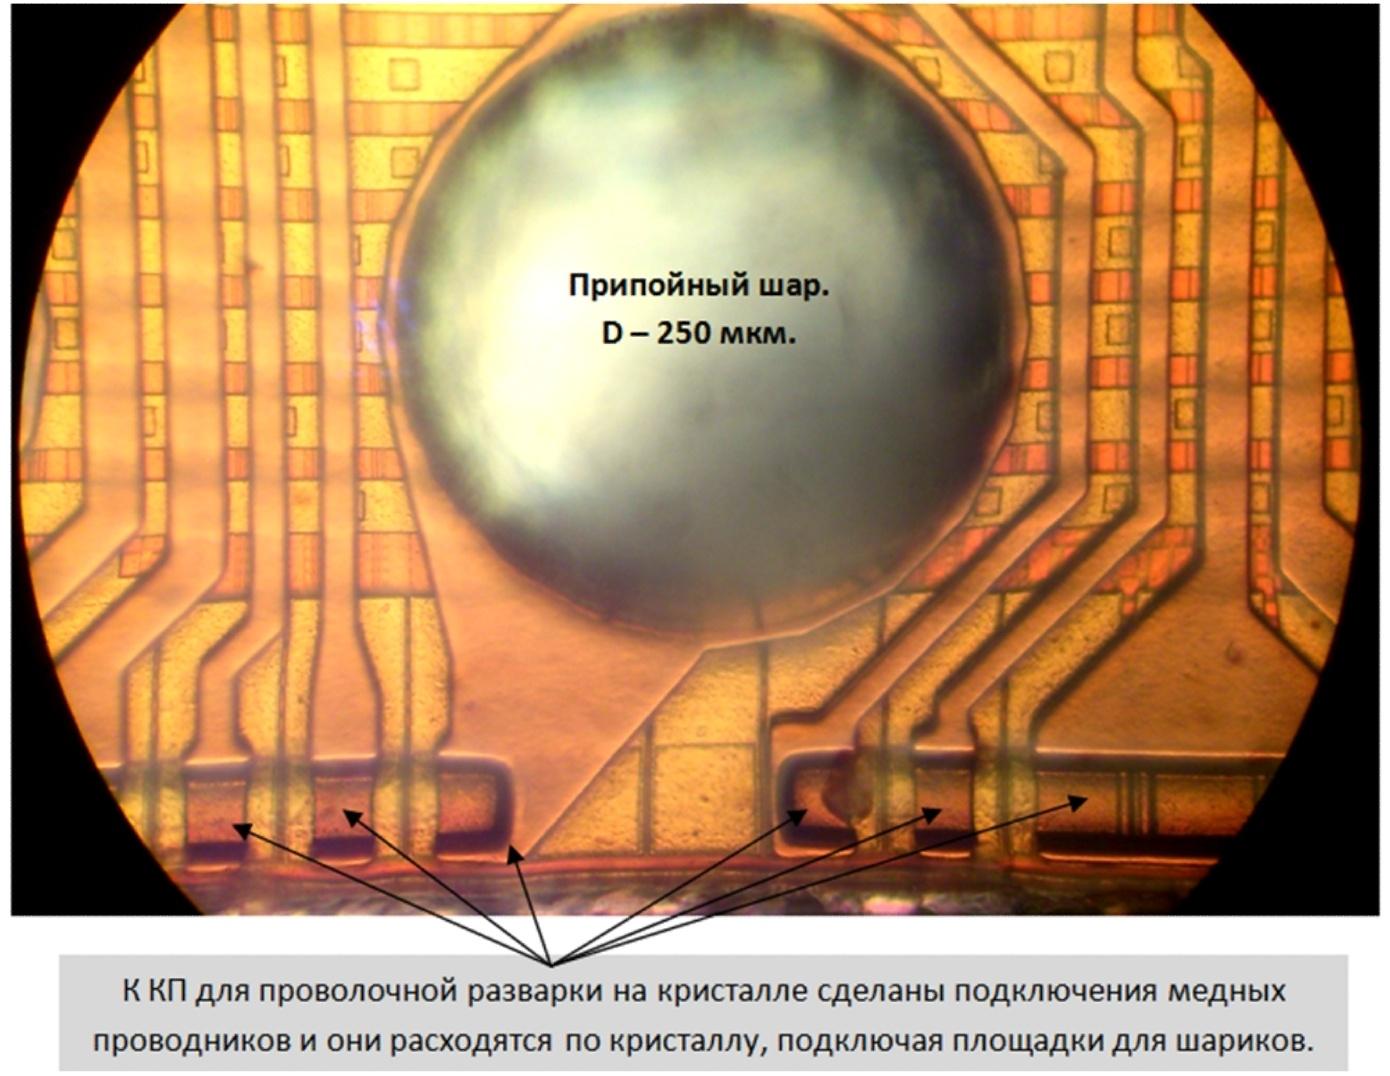 Устройство кристалла ИМС с шариковыми выводами и почему происходит отвал - 6